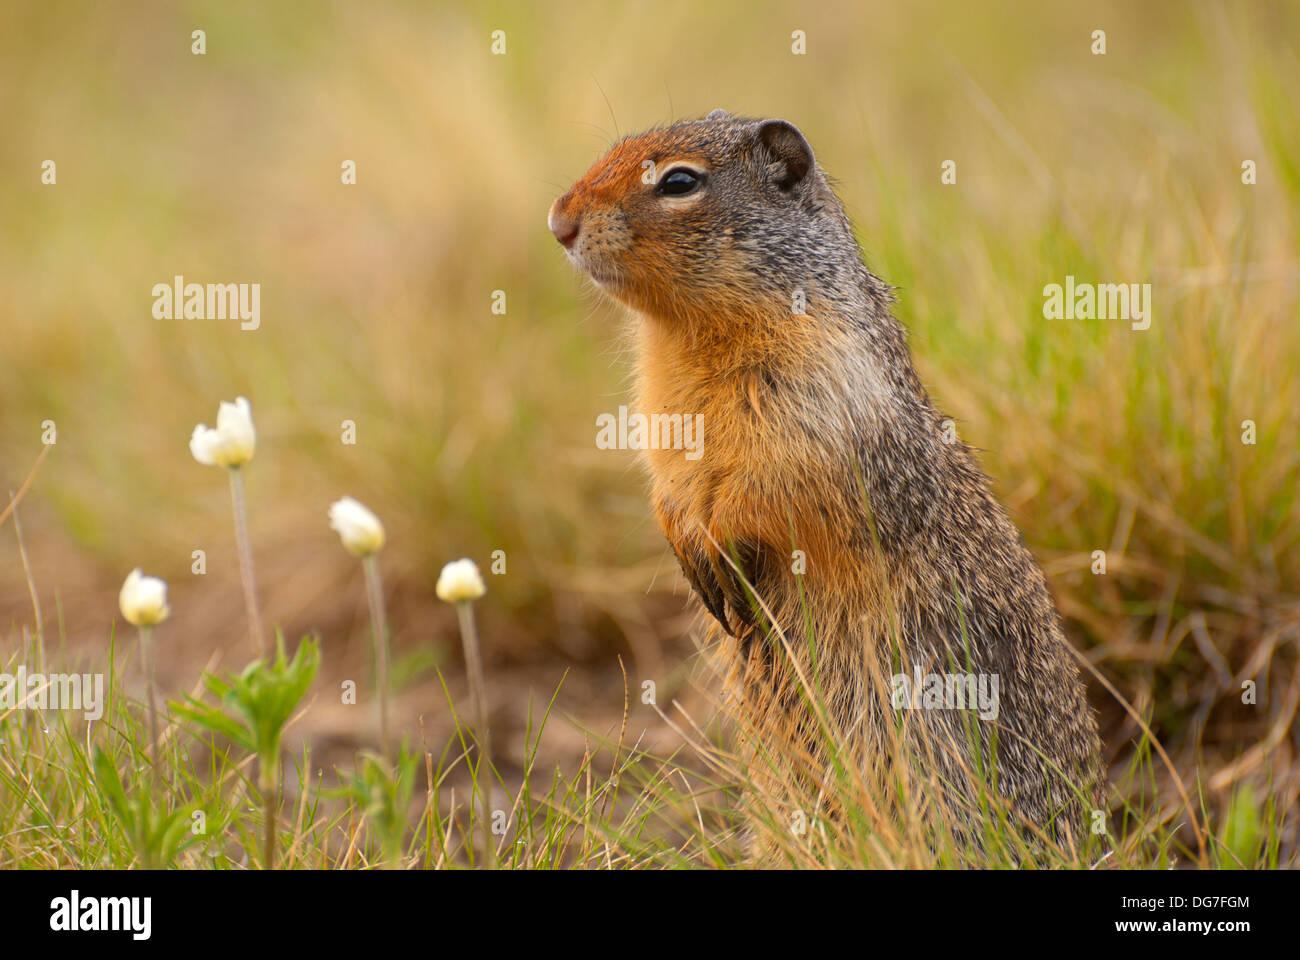 Columbian ground squirrel Urocitellus columbianus, Banff National Park, Alberta, Canada Stock Photo